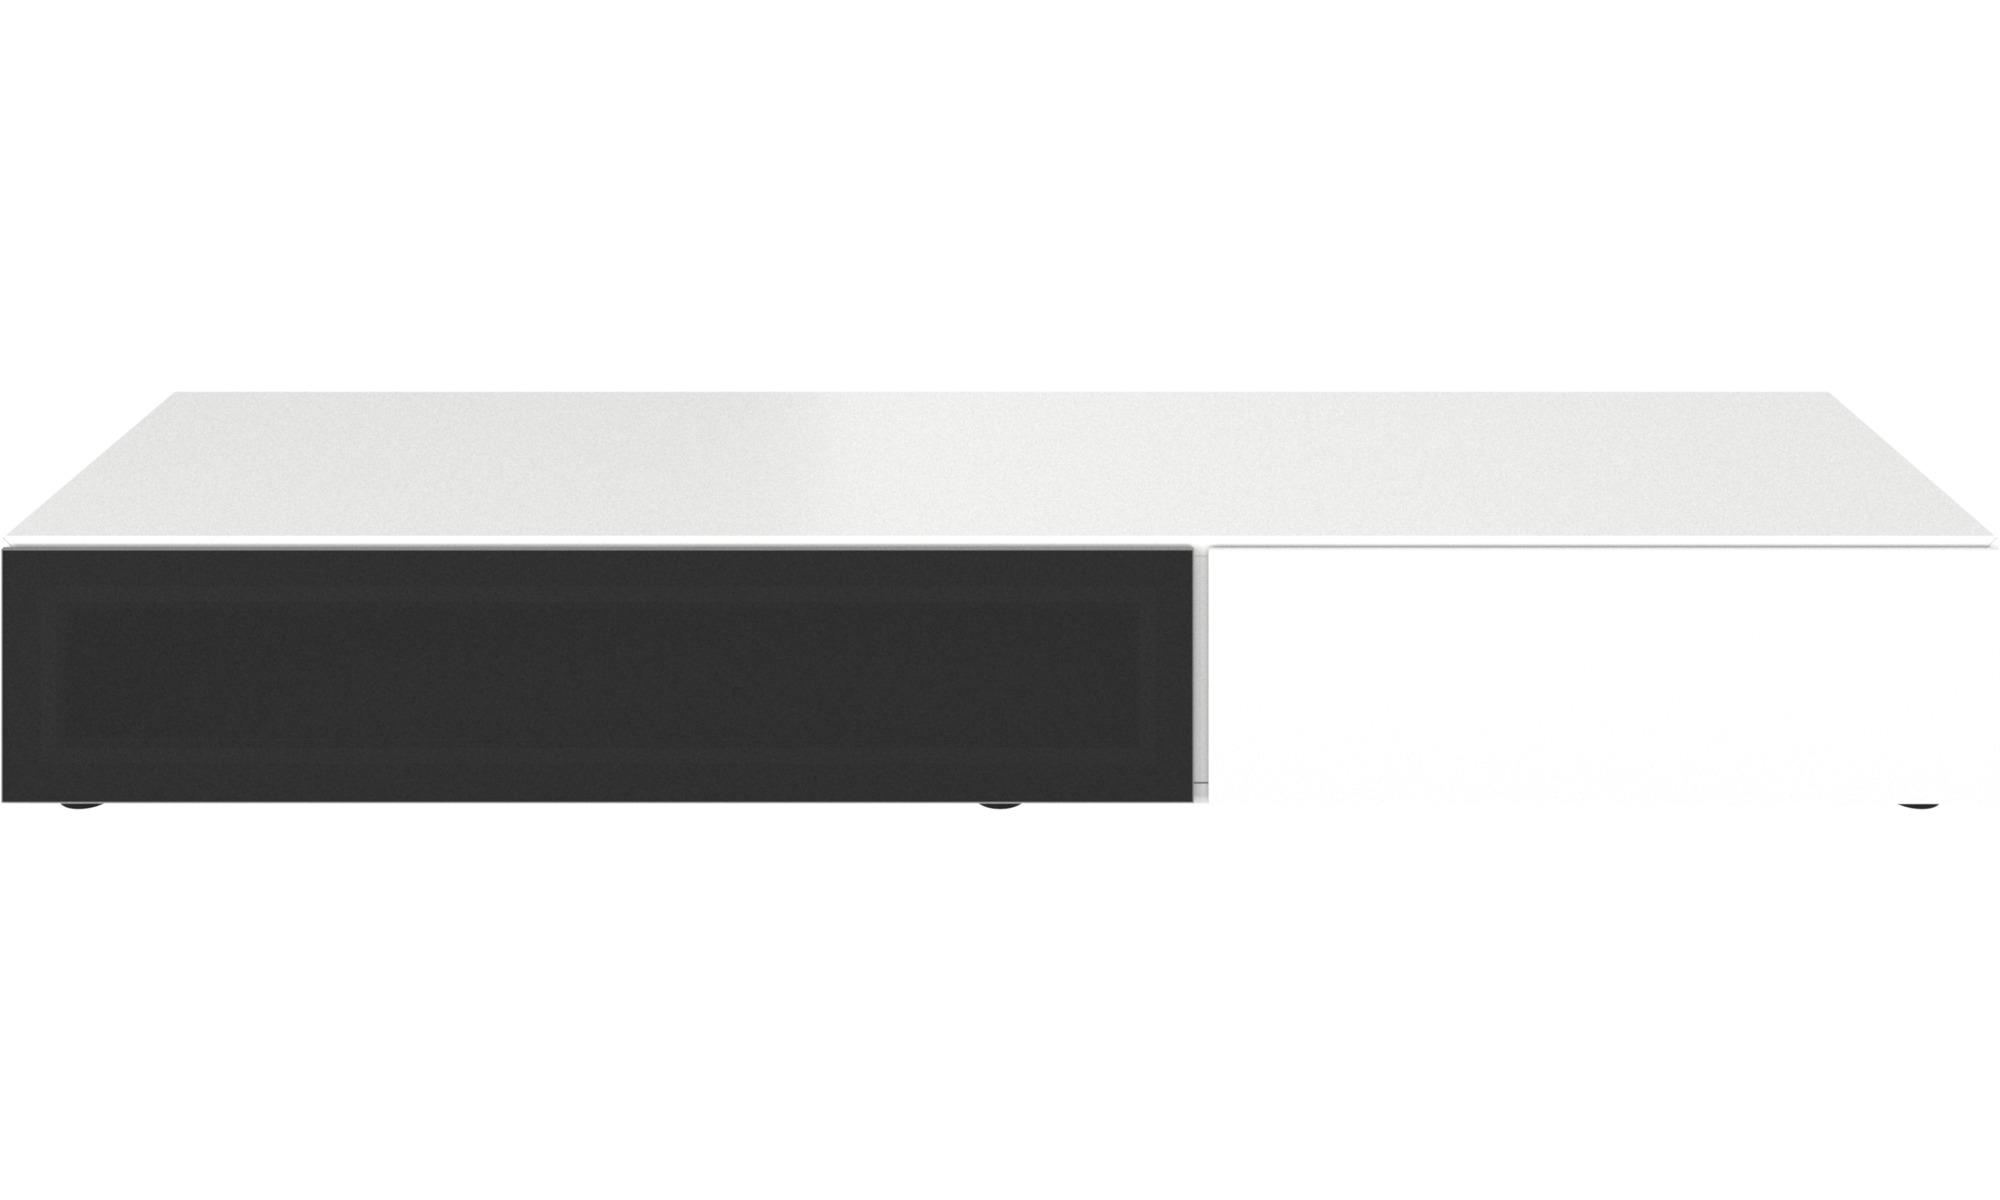 Meuble tv bo concept meubles de design d for Meuble boconcept